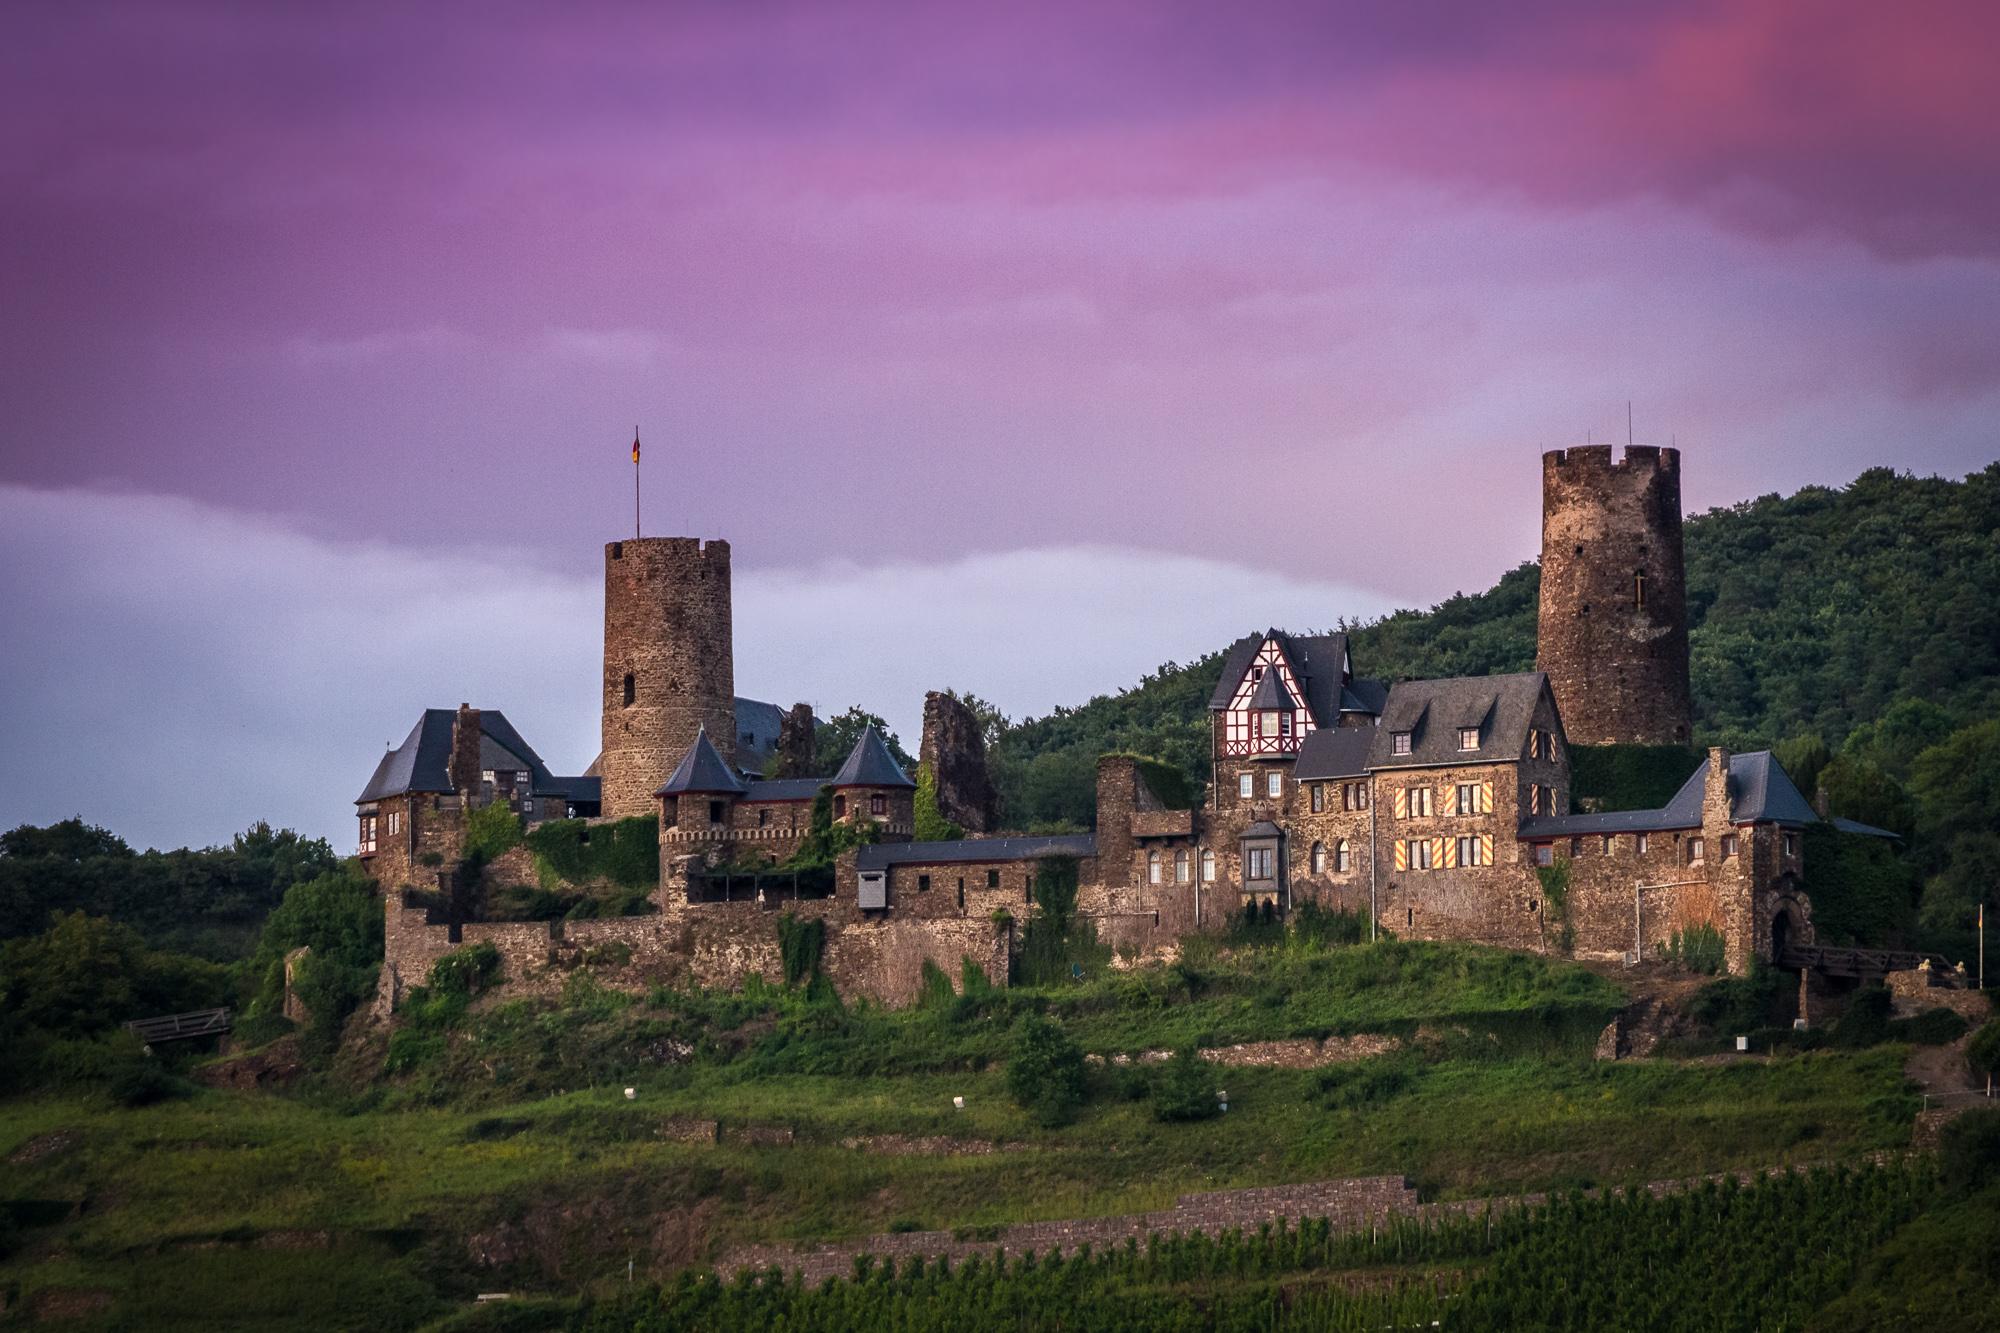 Die Ruine der Burg Thurant an der Mosel.